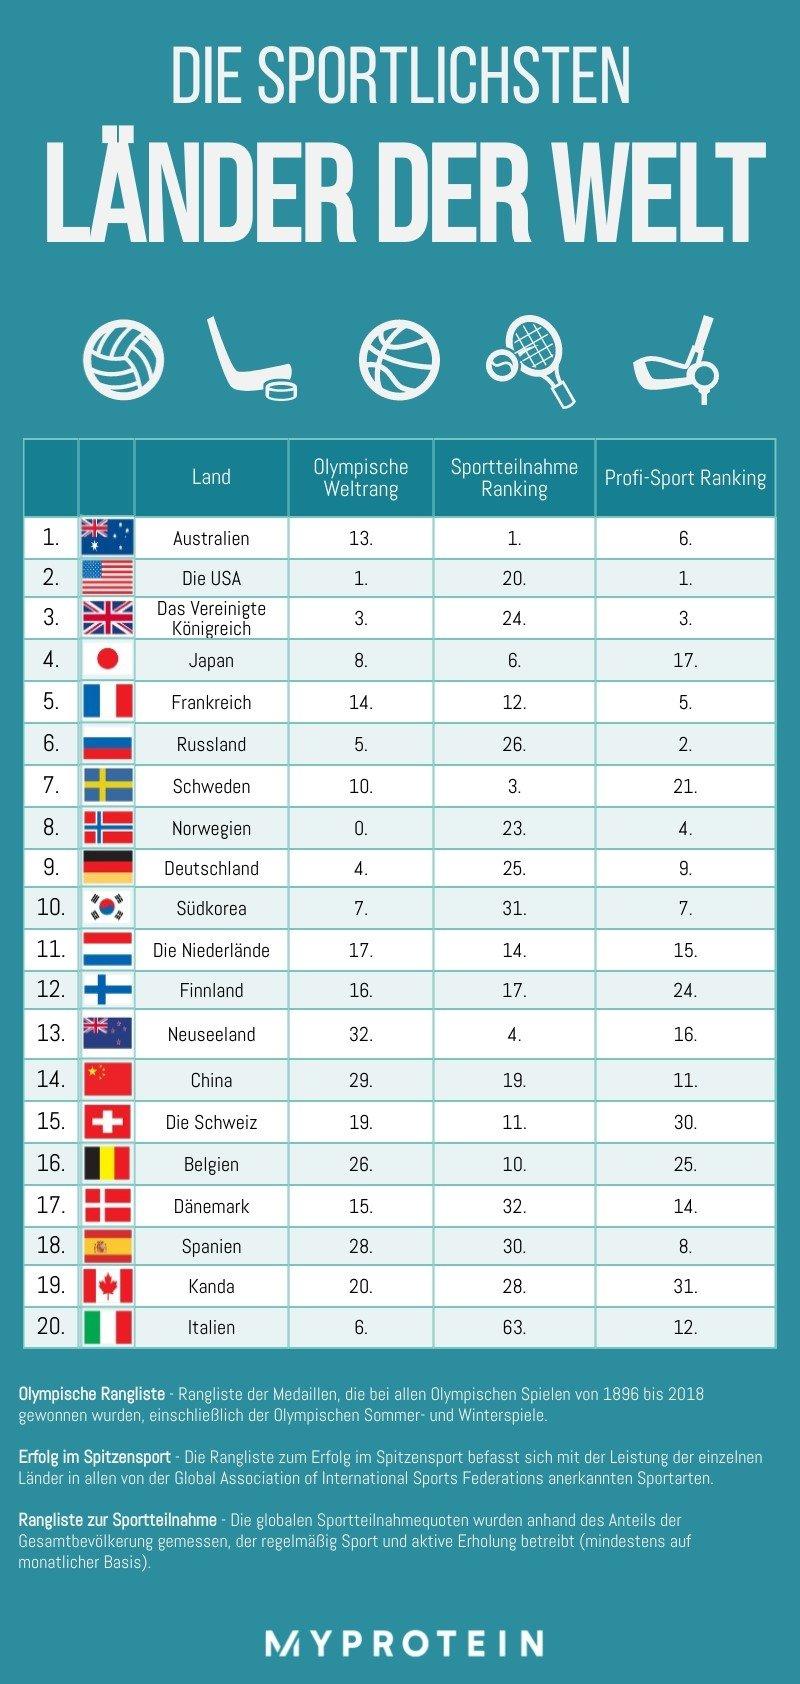 Wir enthüllen die sportlichsten Länder der Welt | Welche Nation sichert sich den 1. Platz?